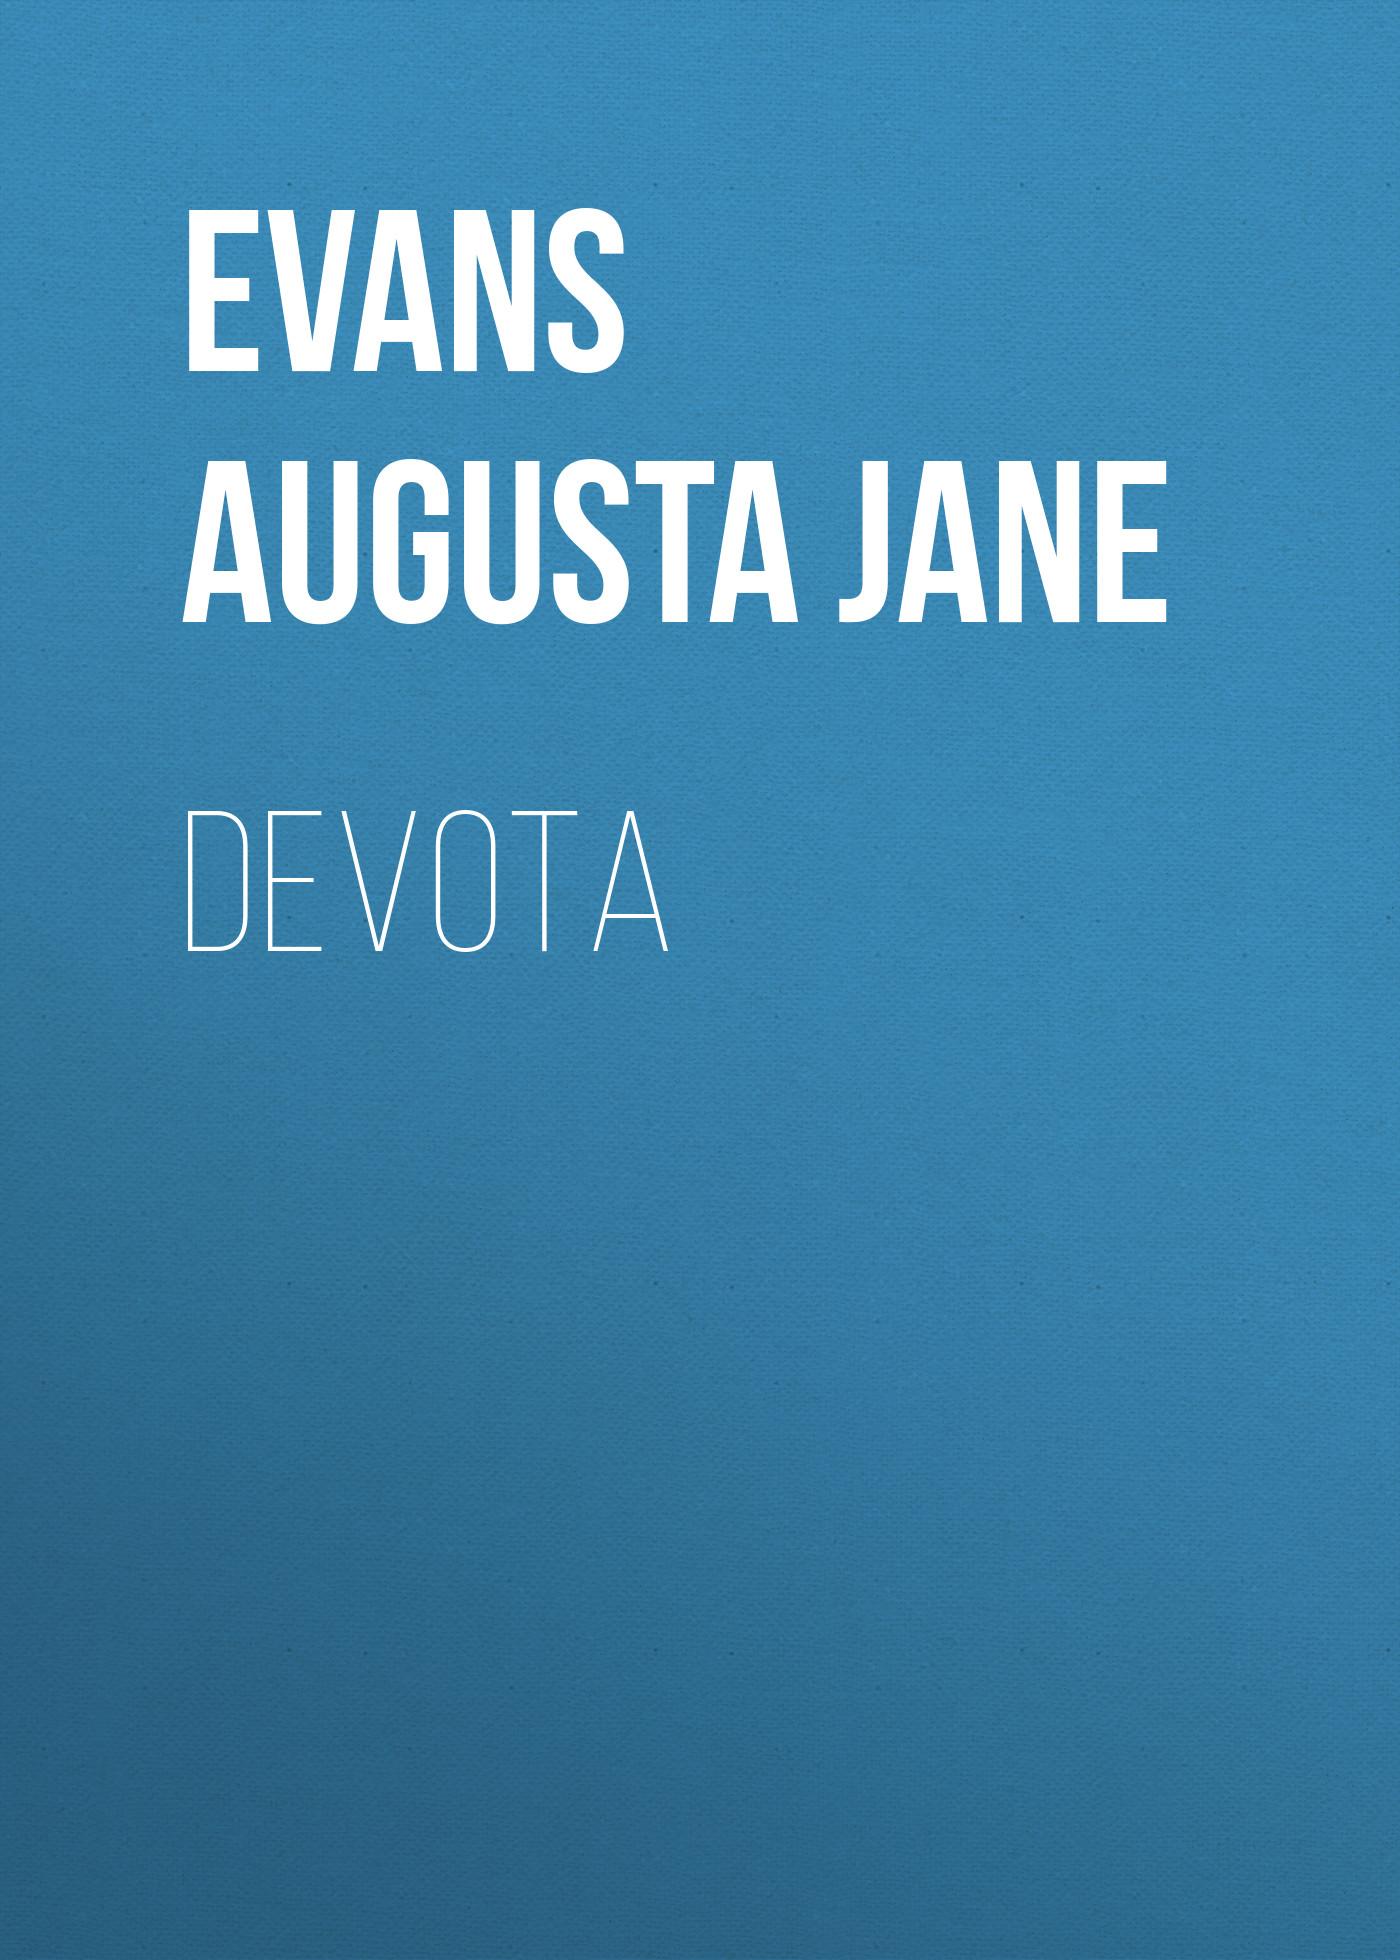 цена на Evans Augusta Jane Devota